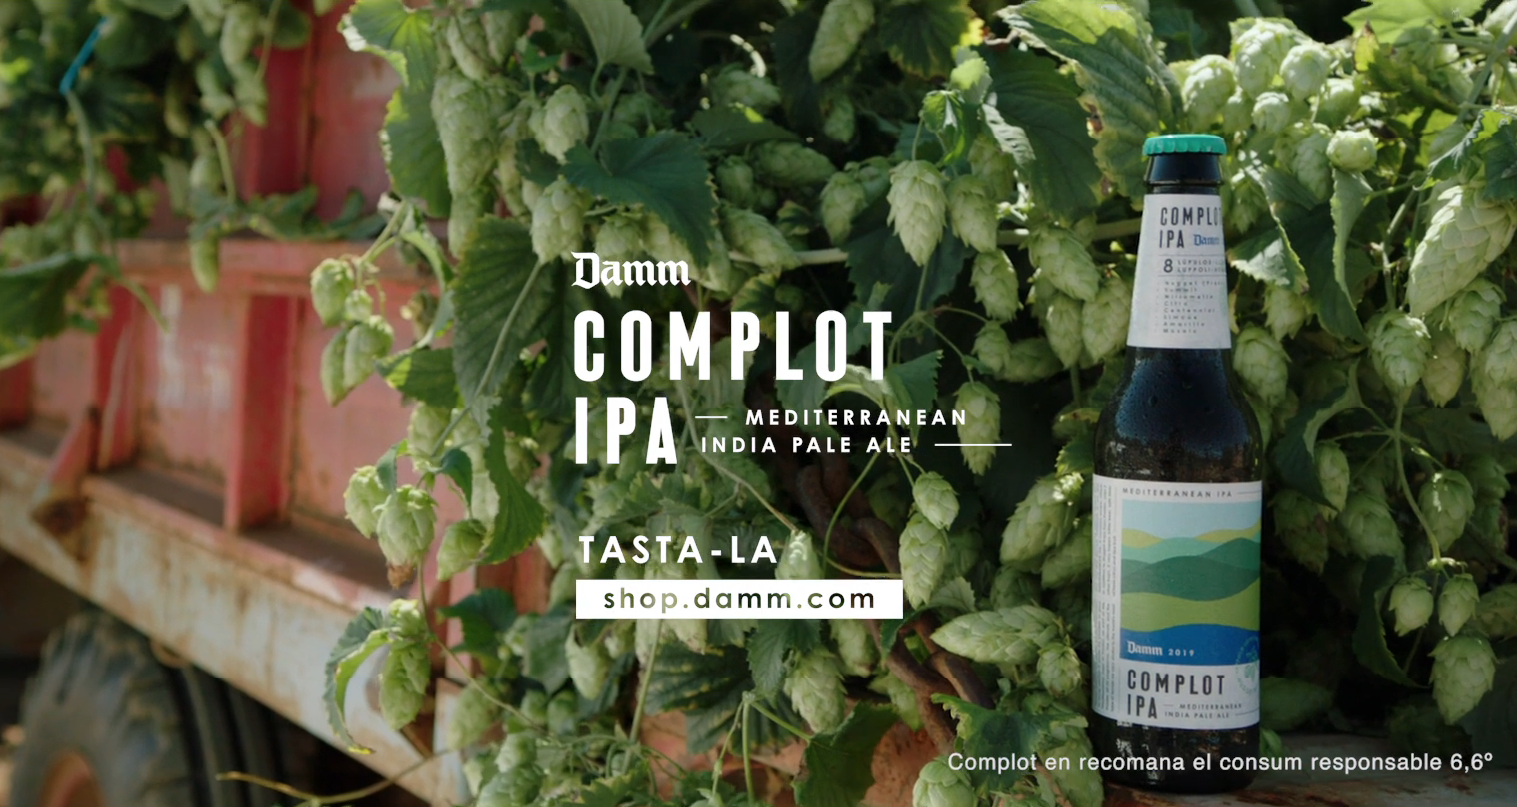 Complot Ipa – Cerveza Damm